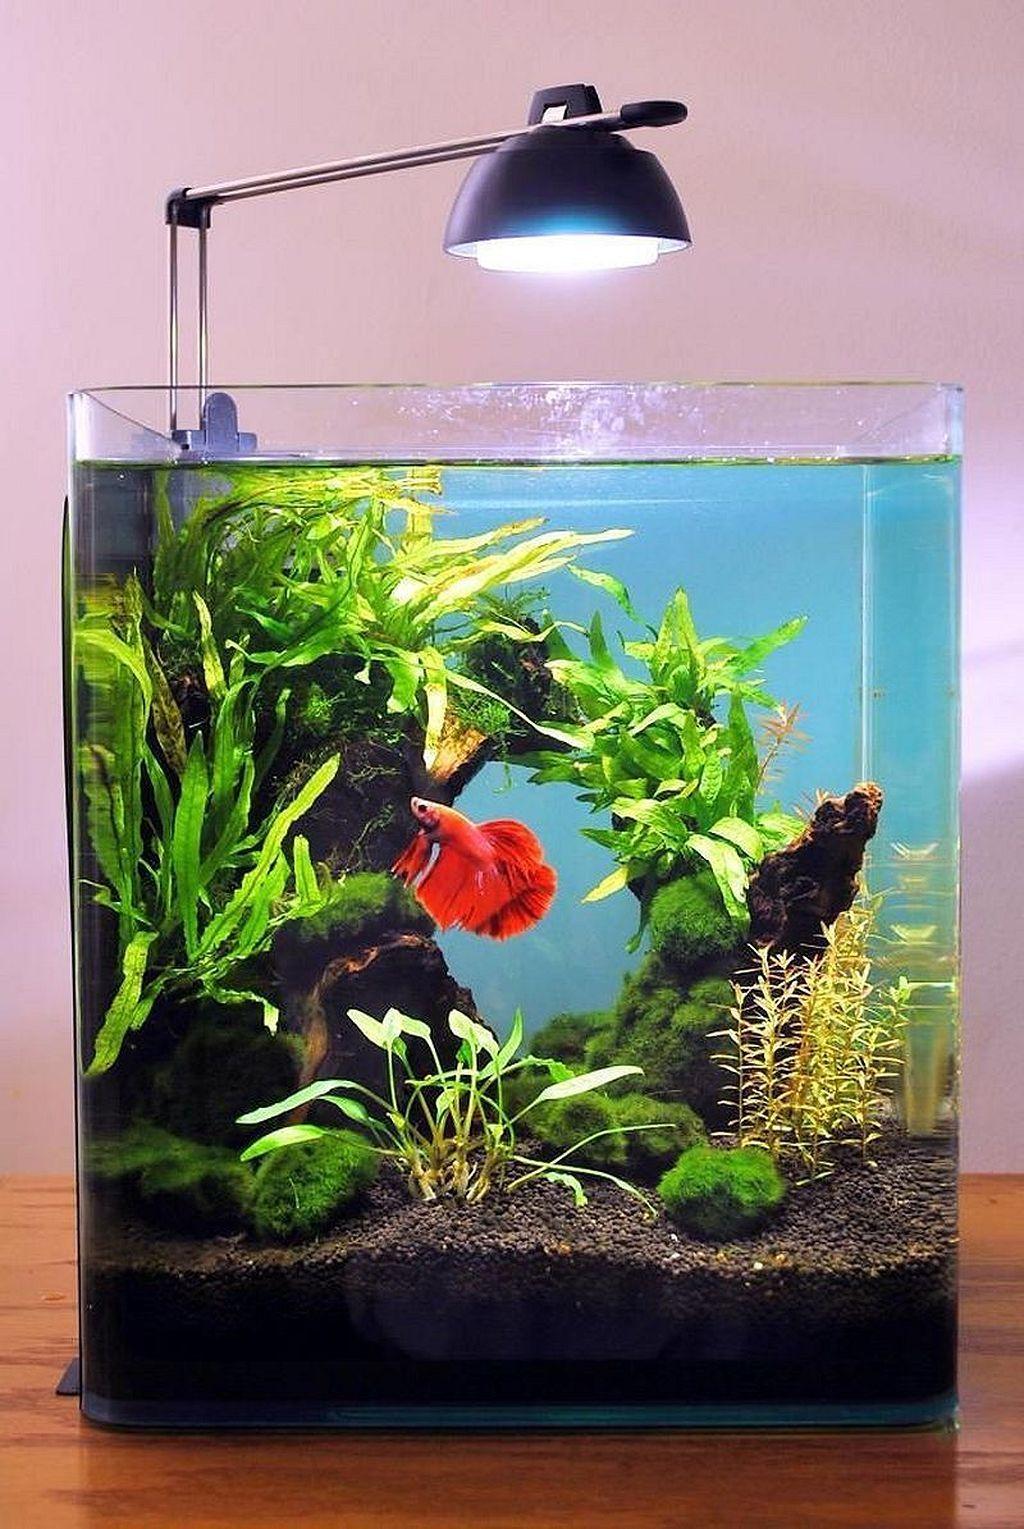 15 Stunning Aquarium Design Ideas for Indoor Decorations ...